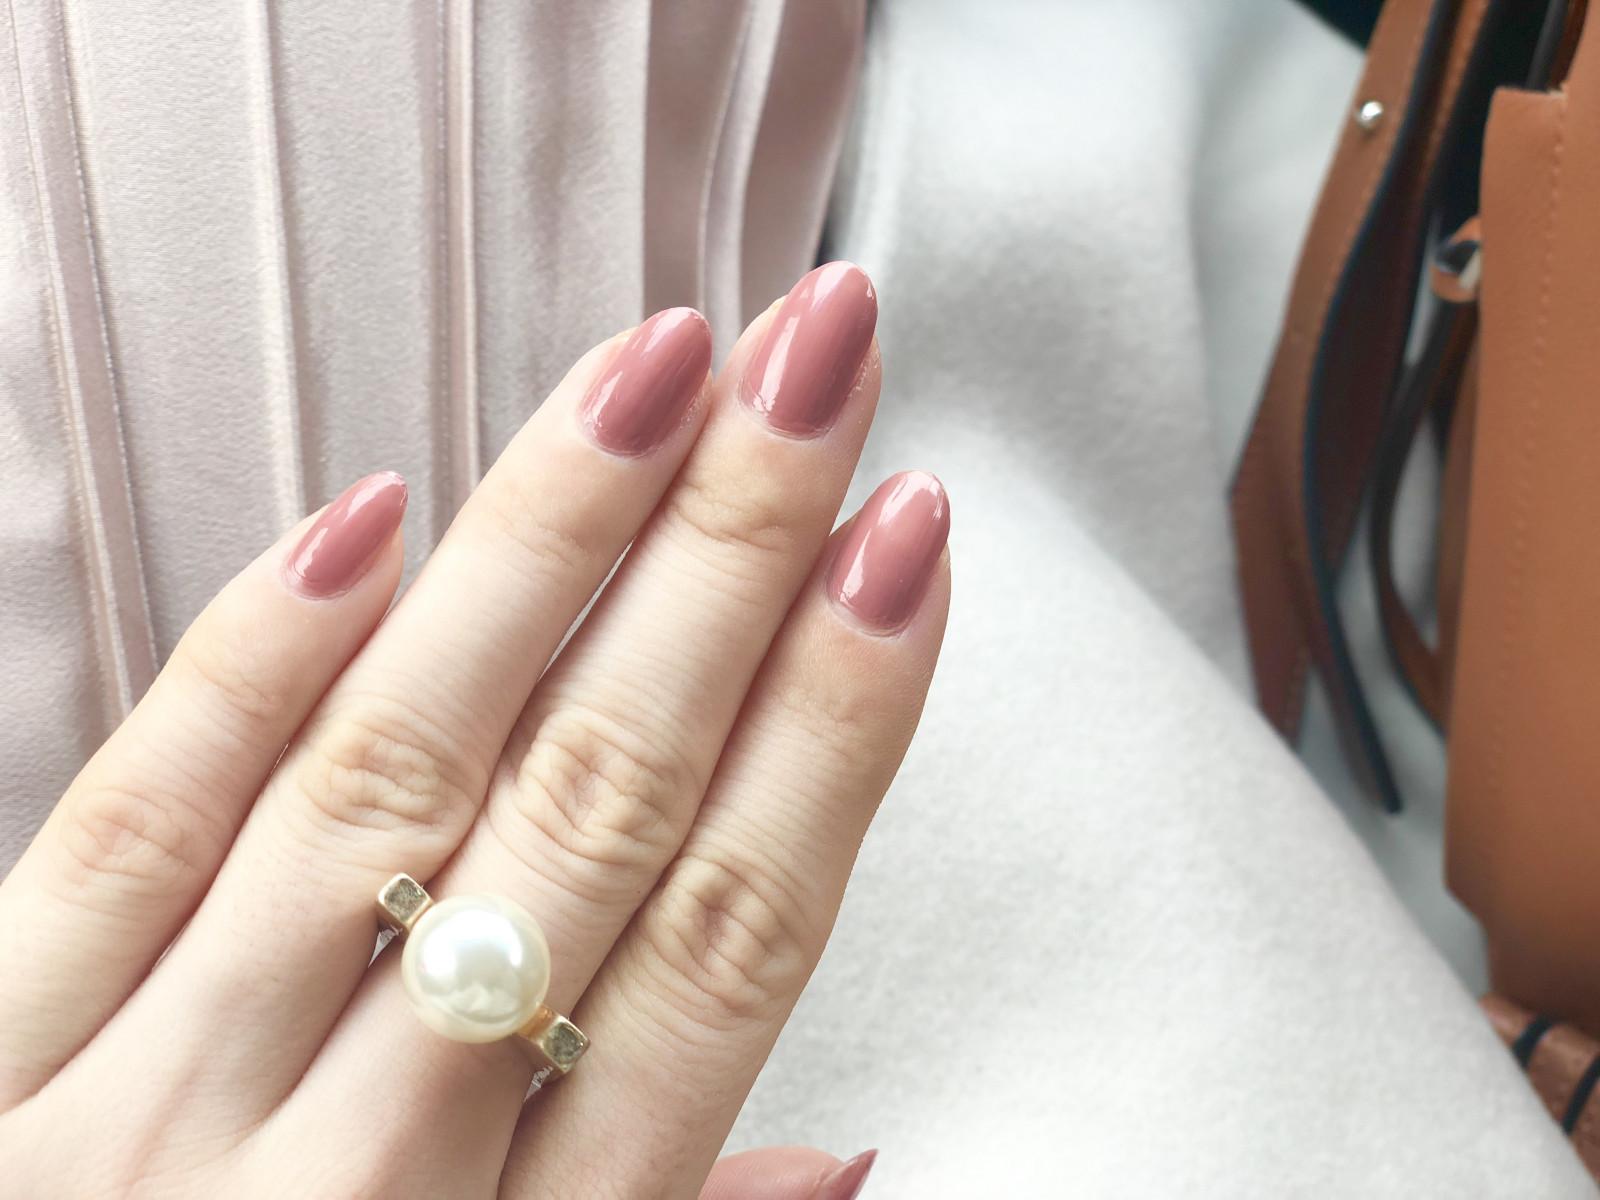 ルナソルのローズベージュがオススメ♡ , ローリエプレス